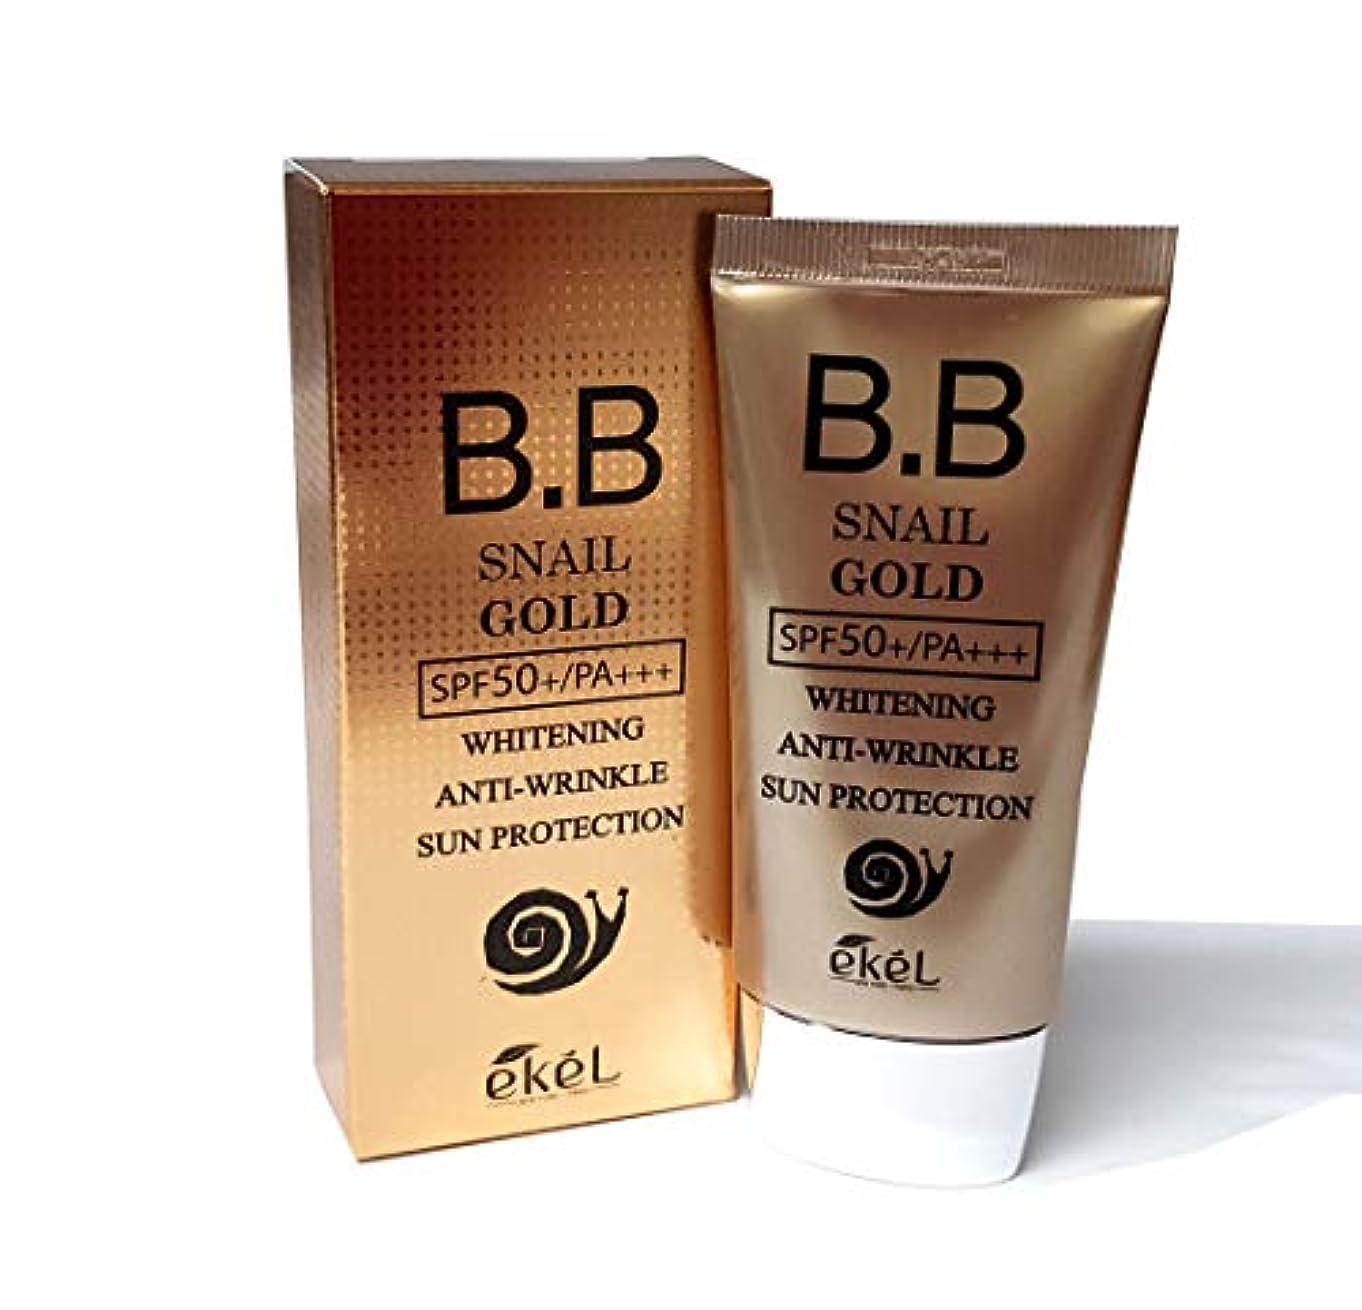 スキル暴動スリット[Ekel] カタツムリゴールドBB 50ml SPF50 + PA +++ / Snail Gold BB 50ml SPF50+PA+++ /ホワイトニング、UVカット/Whitening,UV protection...